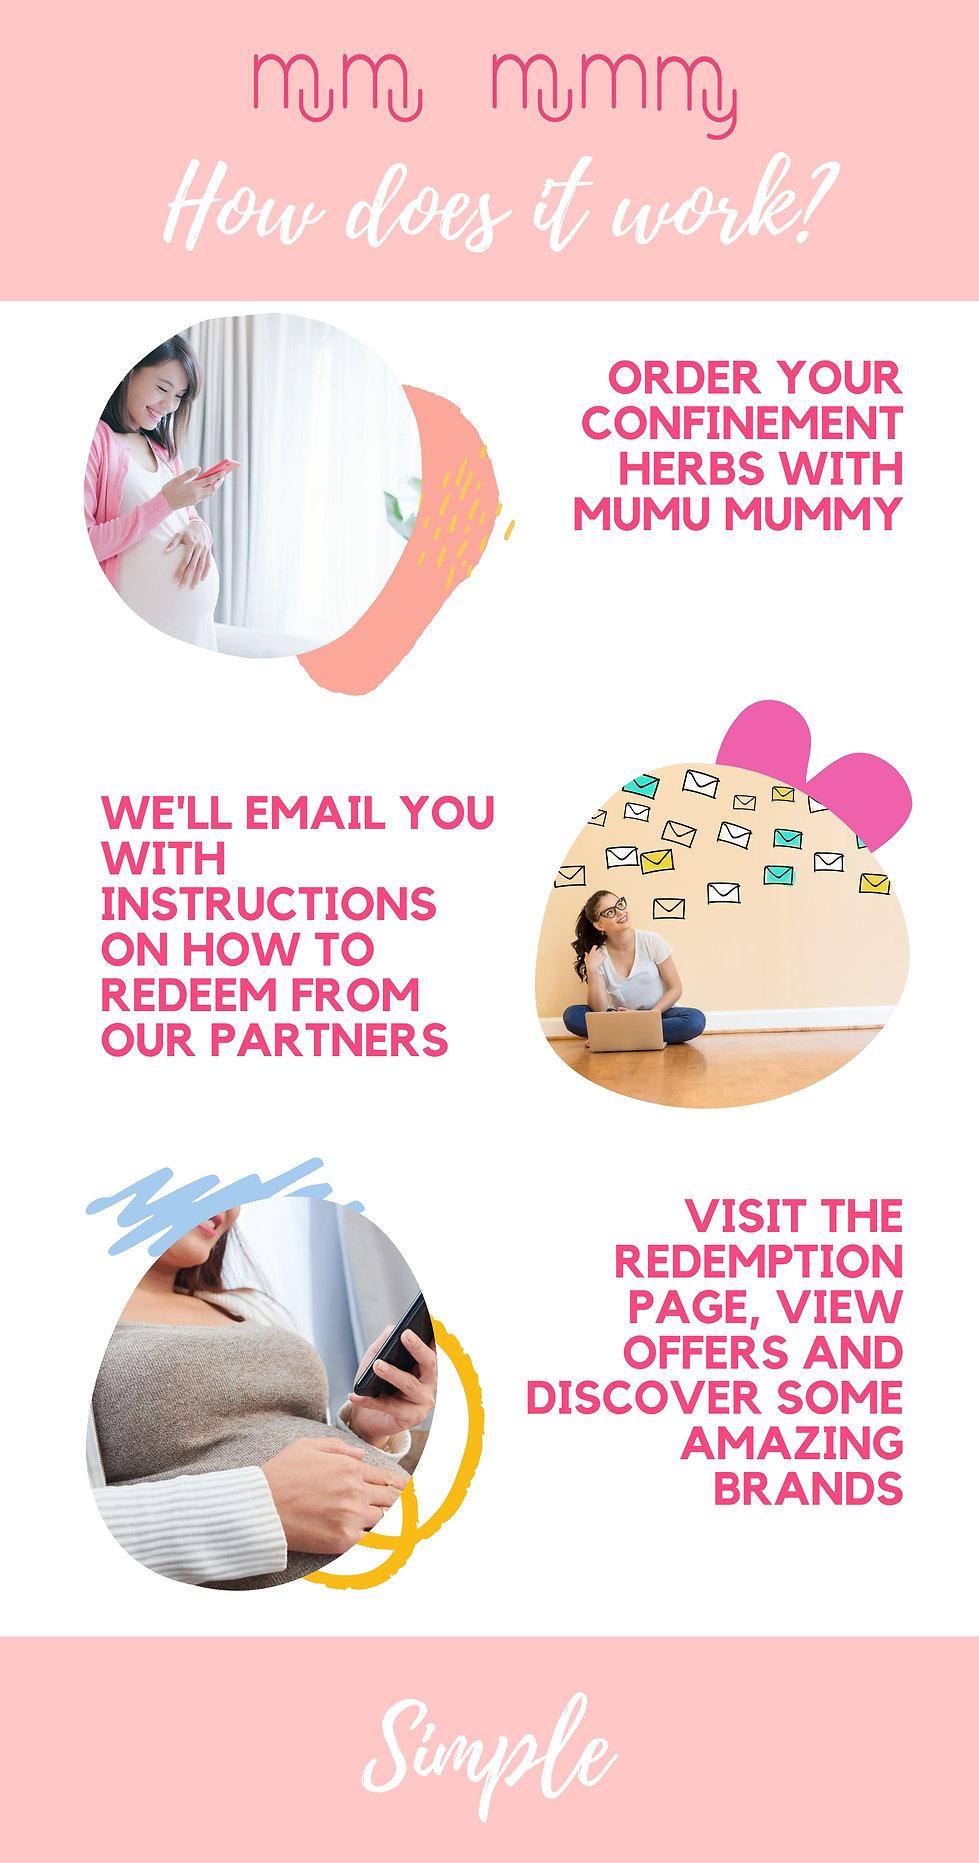 MuMu Mummy Confinement Herbs Partners In